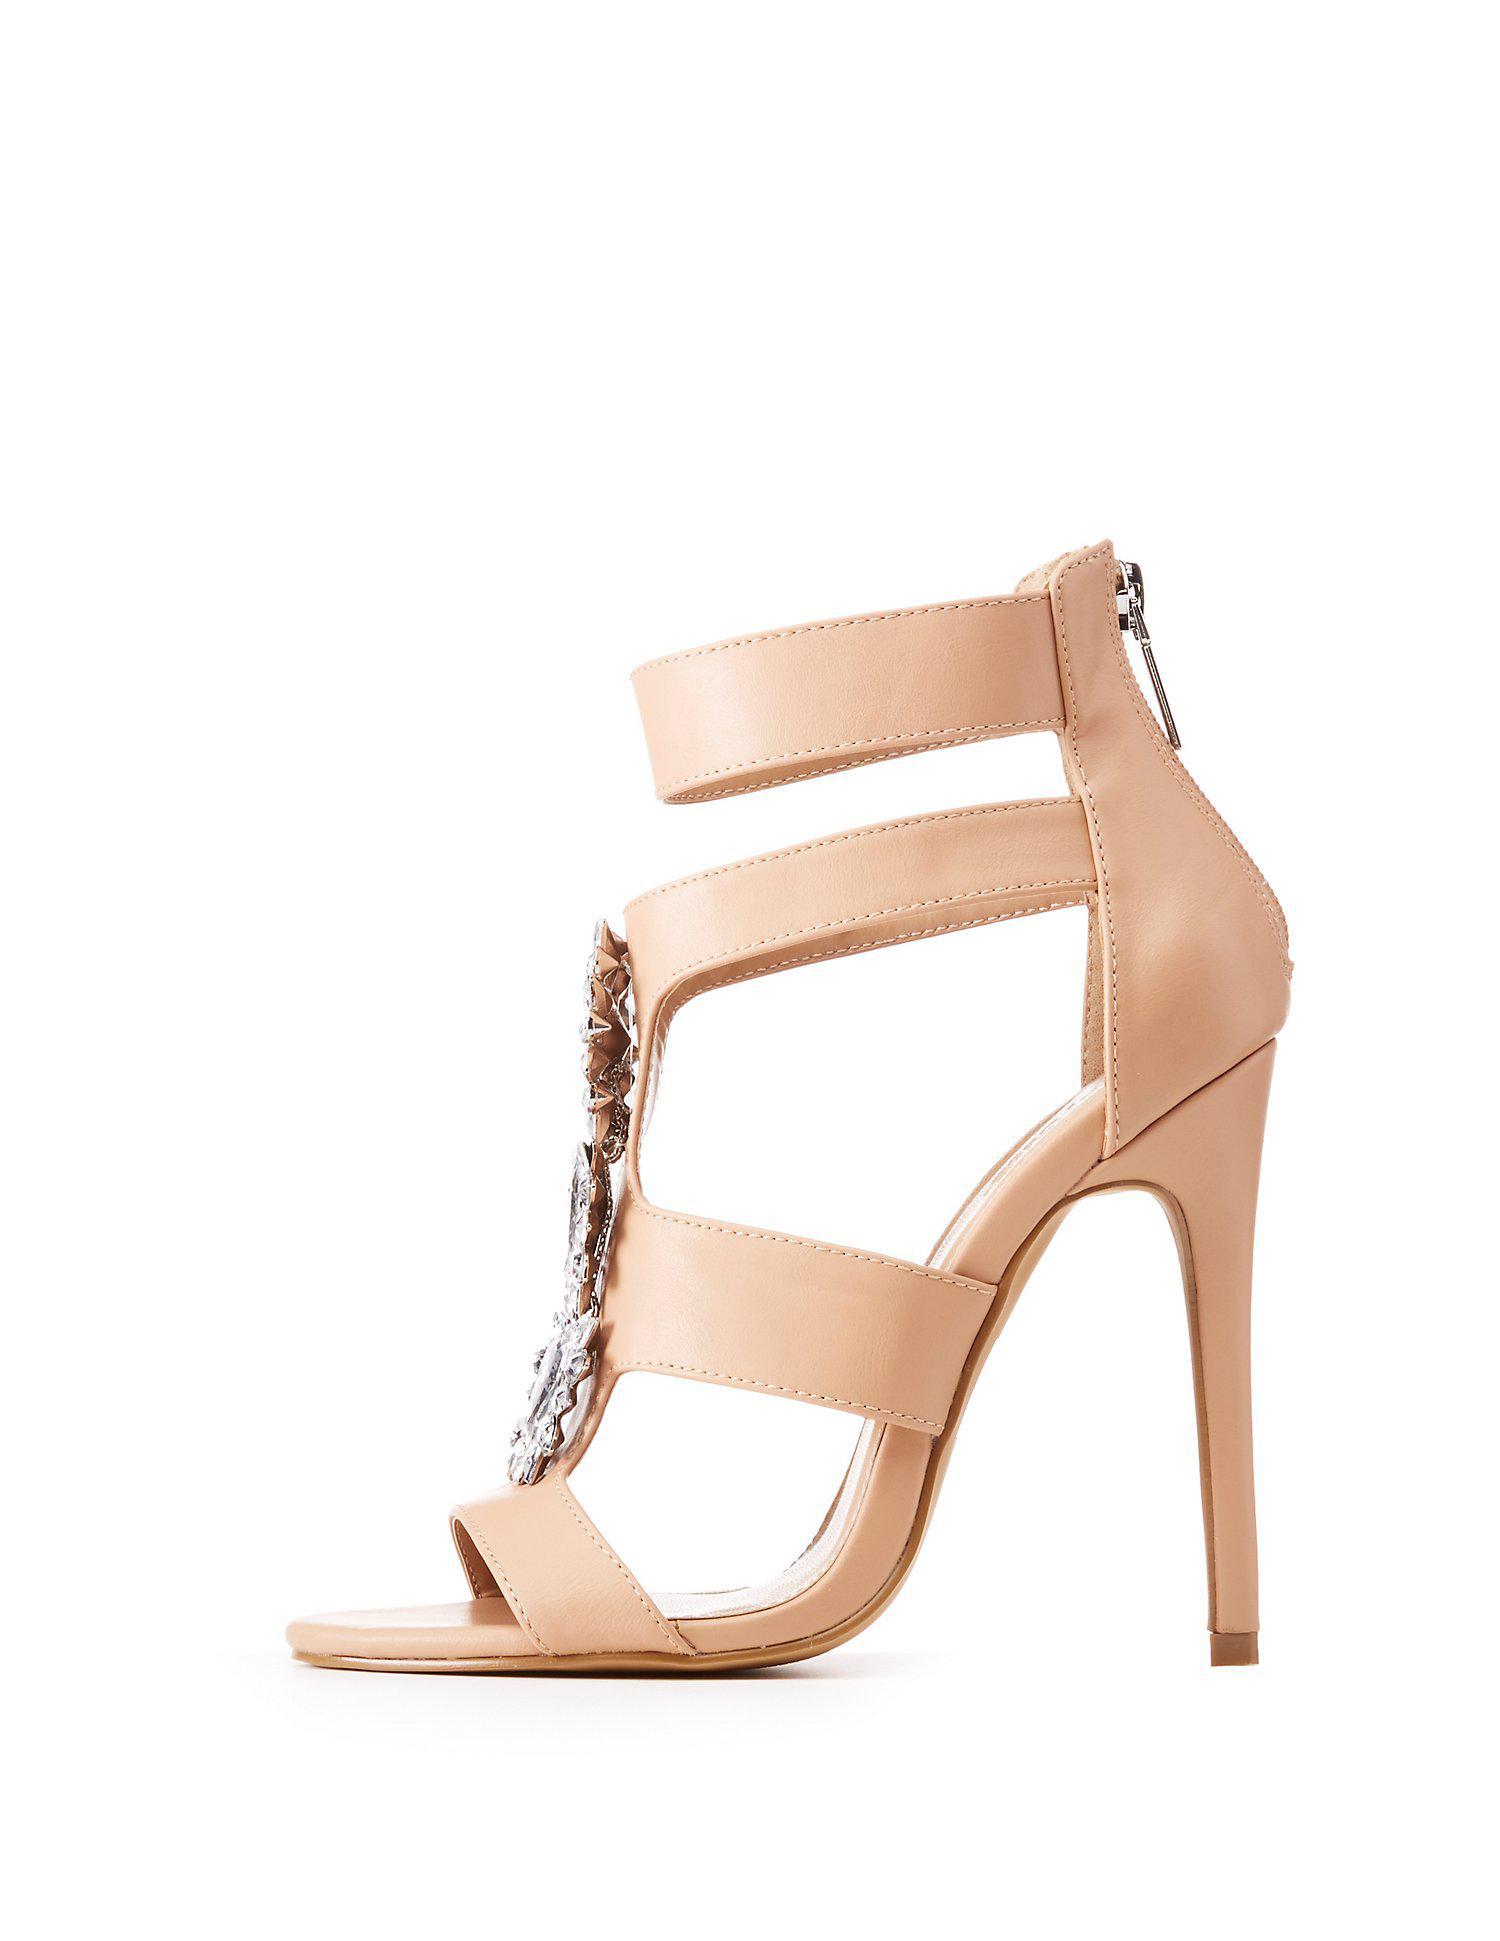 283794188ada Charlotte Russe. Women s Natural Crystal Embellished Caged Dress Sandals